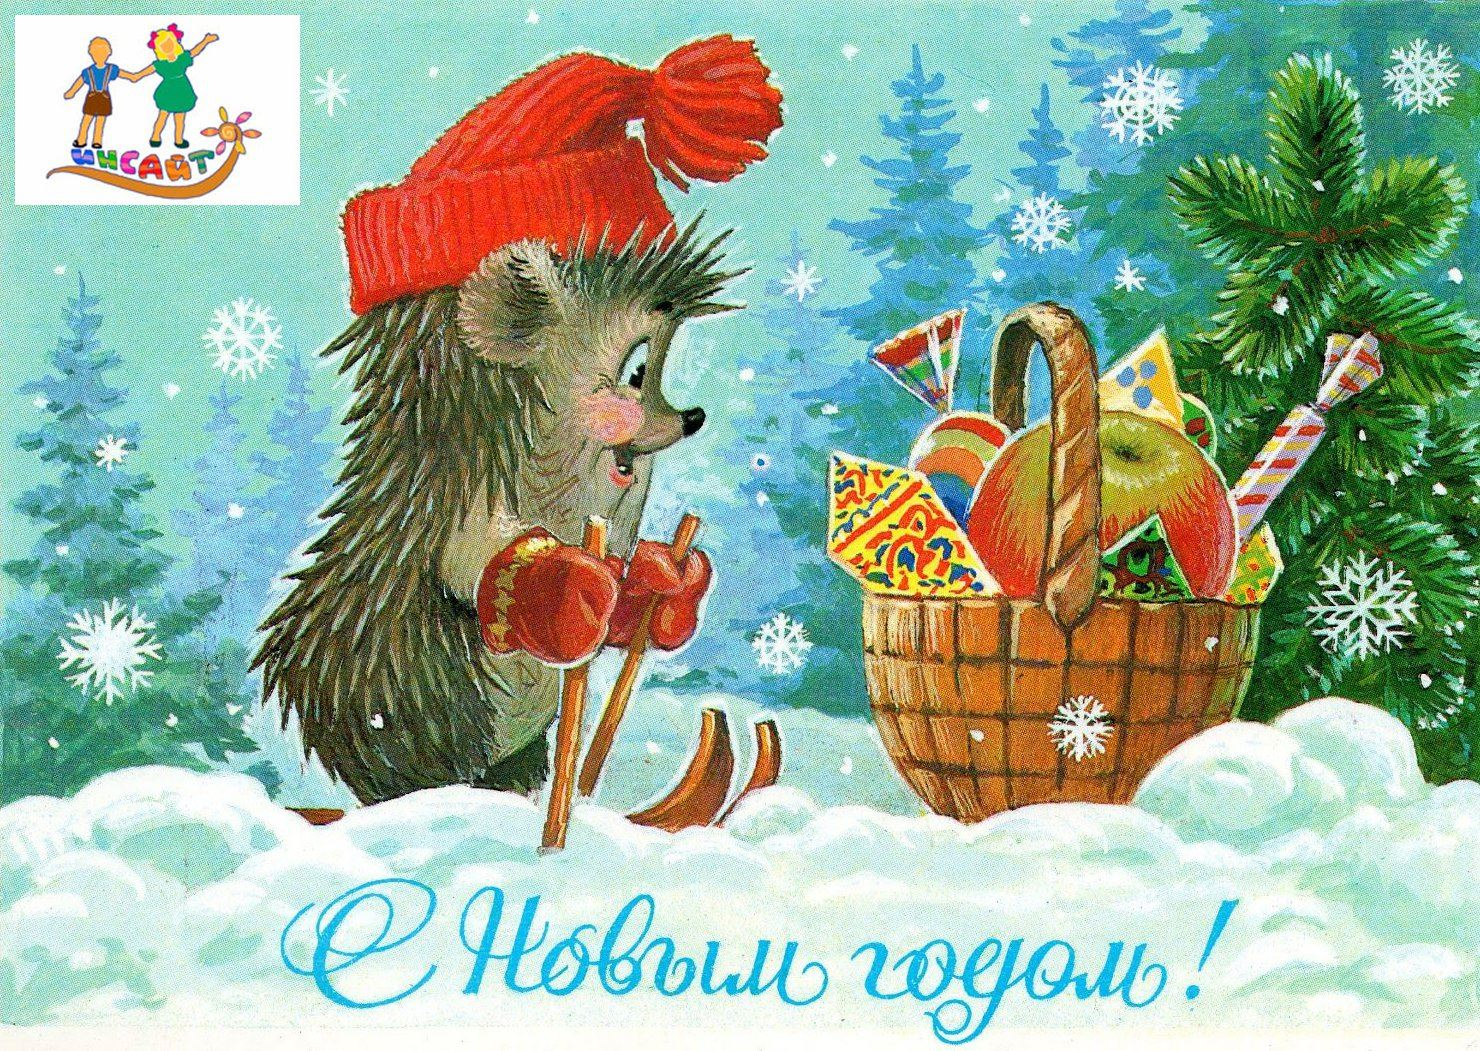 Старые открытки с новым годом и рождеством 2019